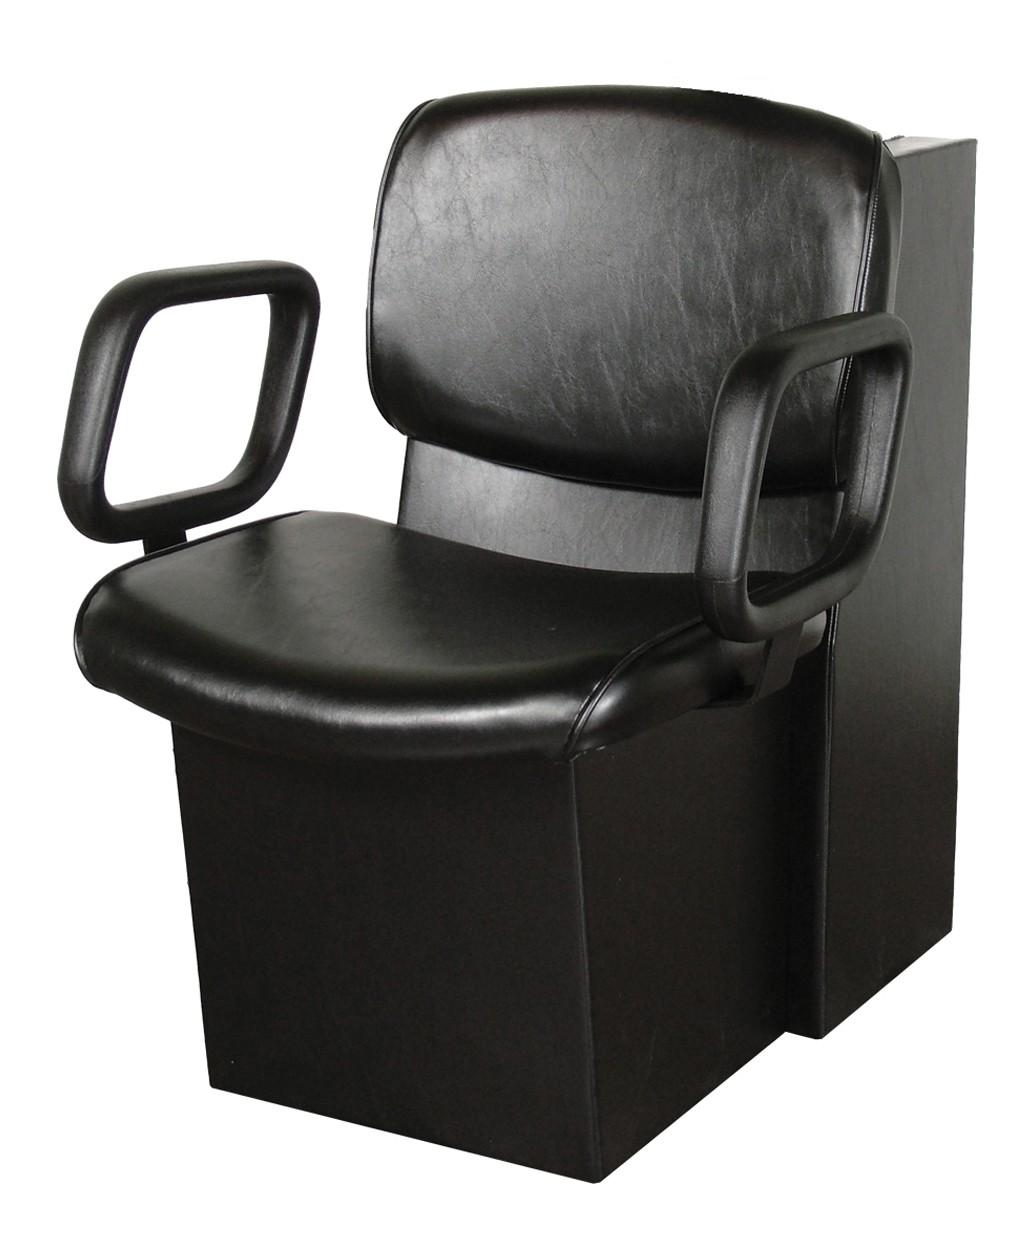 Collins 1820 QSE Dryer Chair